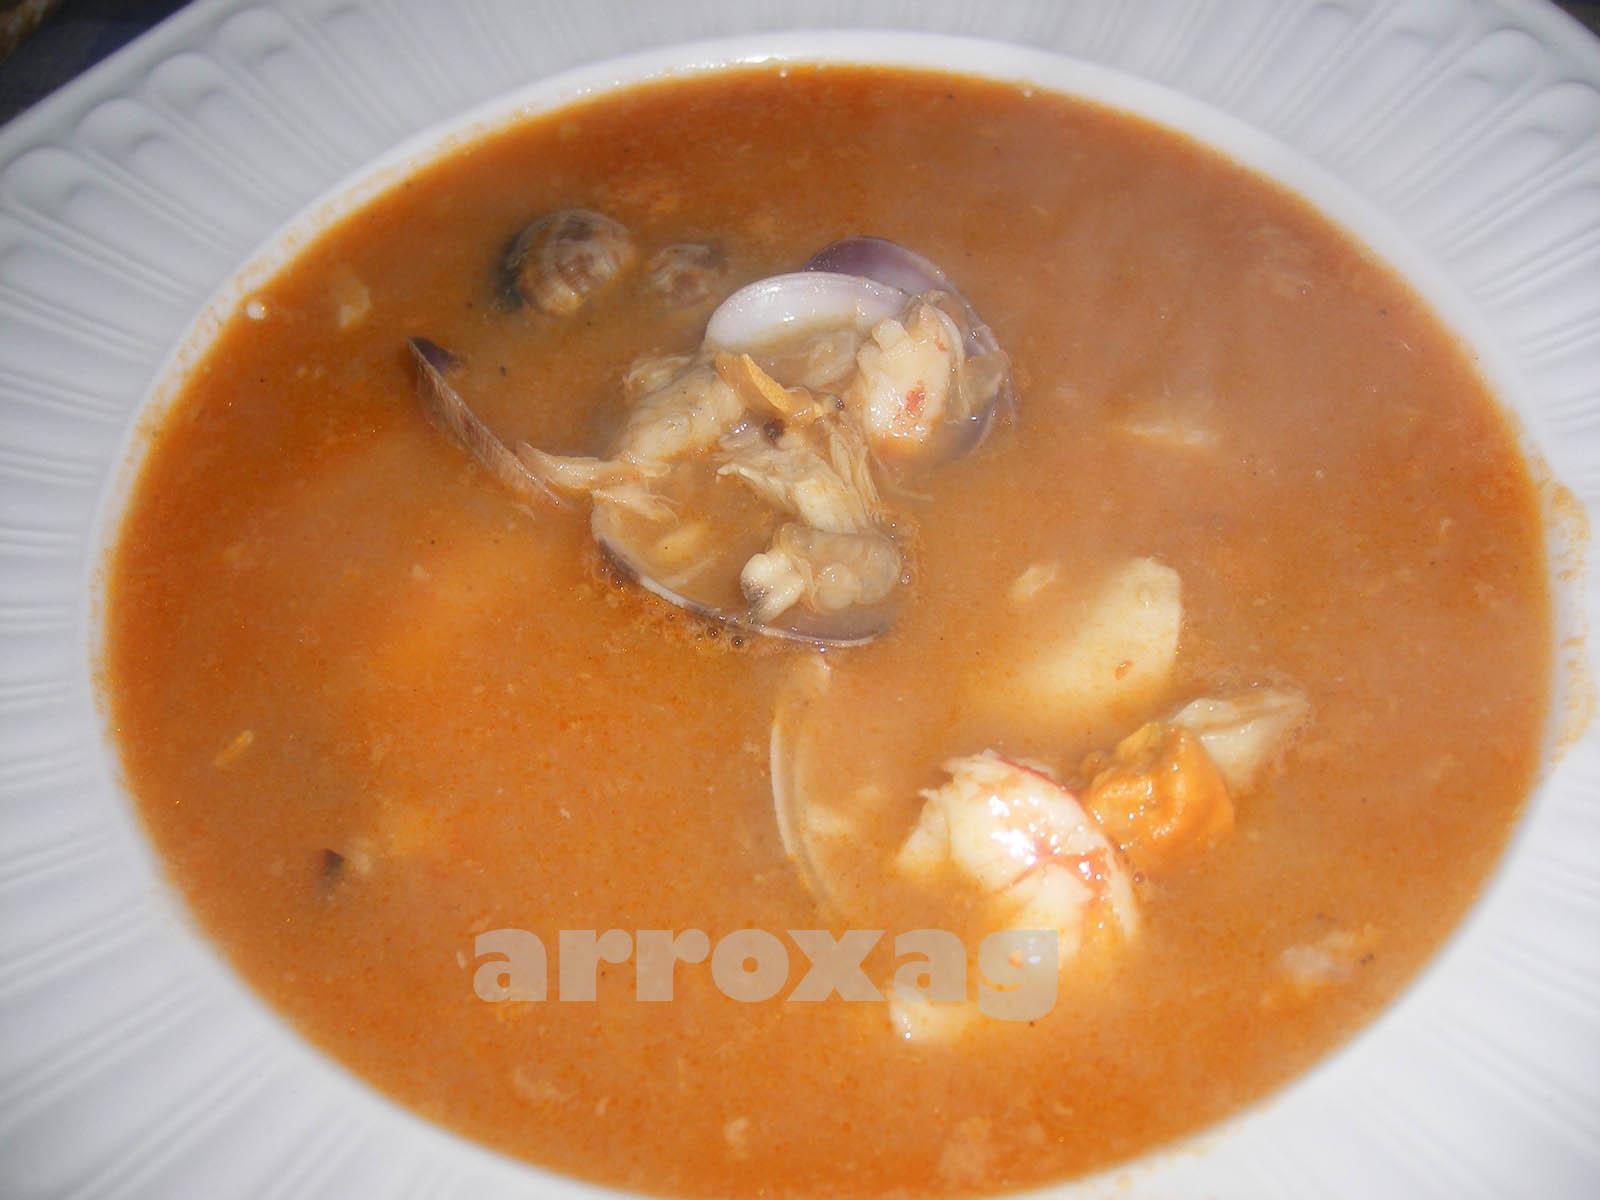 Cocina vasca arroxag sopa de pescado y marisco - Sopa de marisco y pescado ...